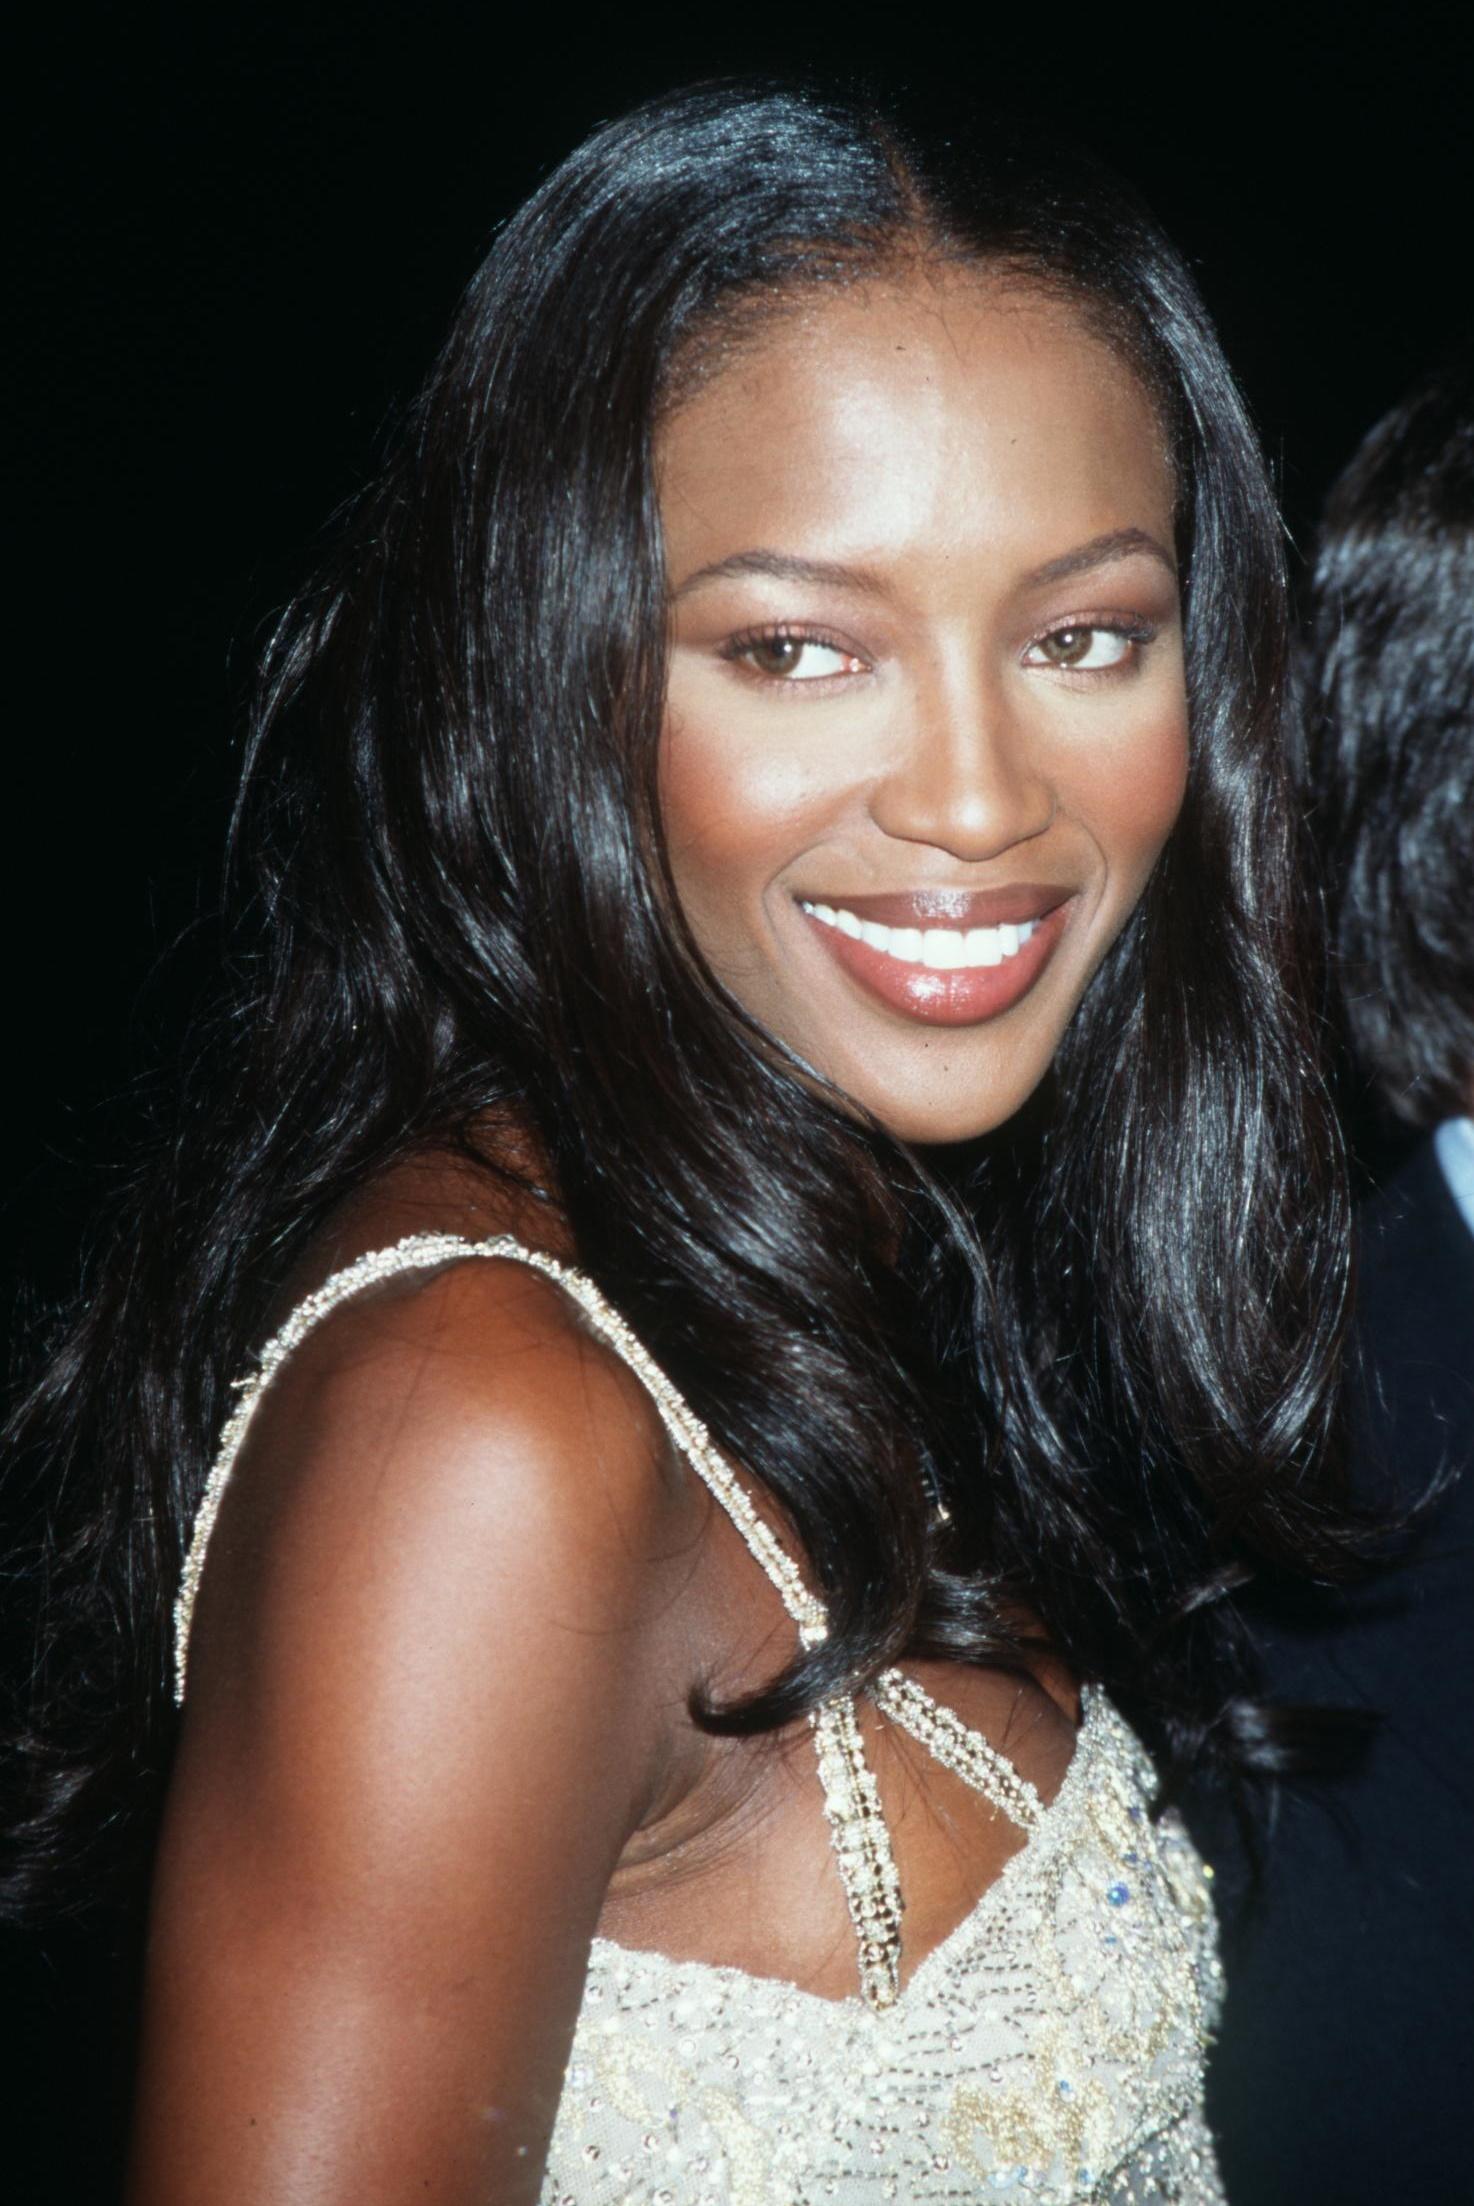 <p><strong>Наоми Кембъл</strong></p>  <p>Всеки път, когато Наоми се появява да закрие някое модно ревю, ние си припомняме защо тя беше кралицата на ревютата още от 80-те години. Черната перла дори беше избрана да участва в клипа на Краля на попа Майкъл Джексън към песента &bdquo;In the Closet&rdquo;.</p>